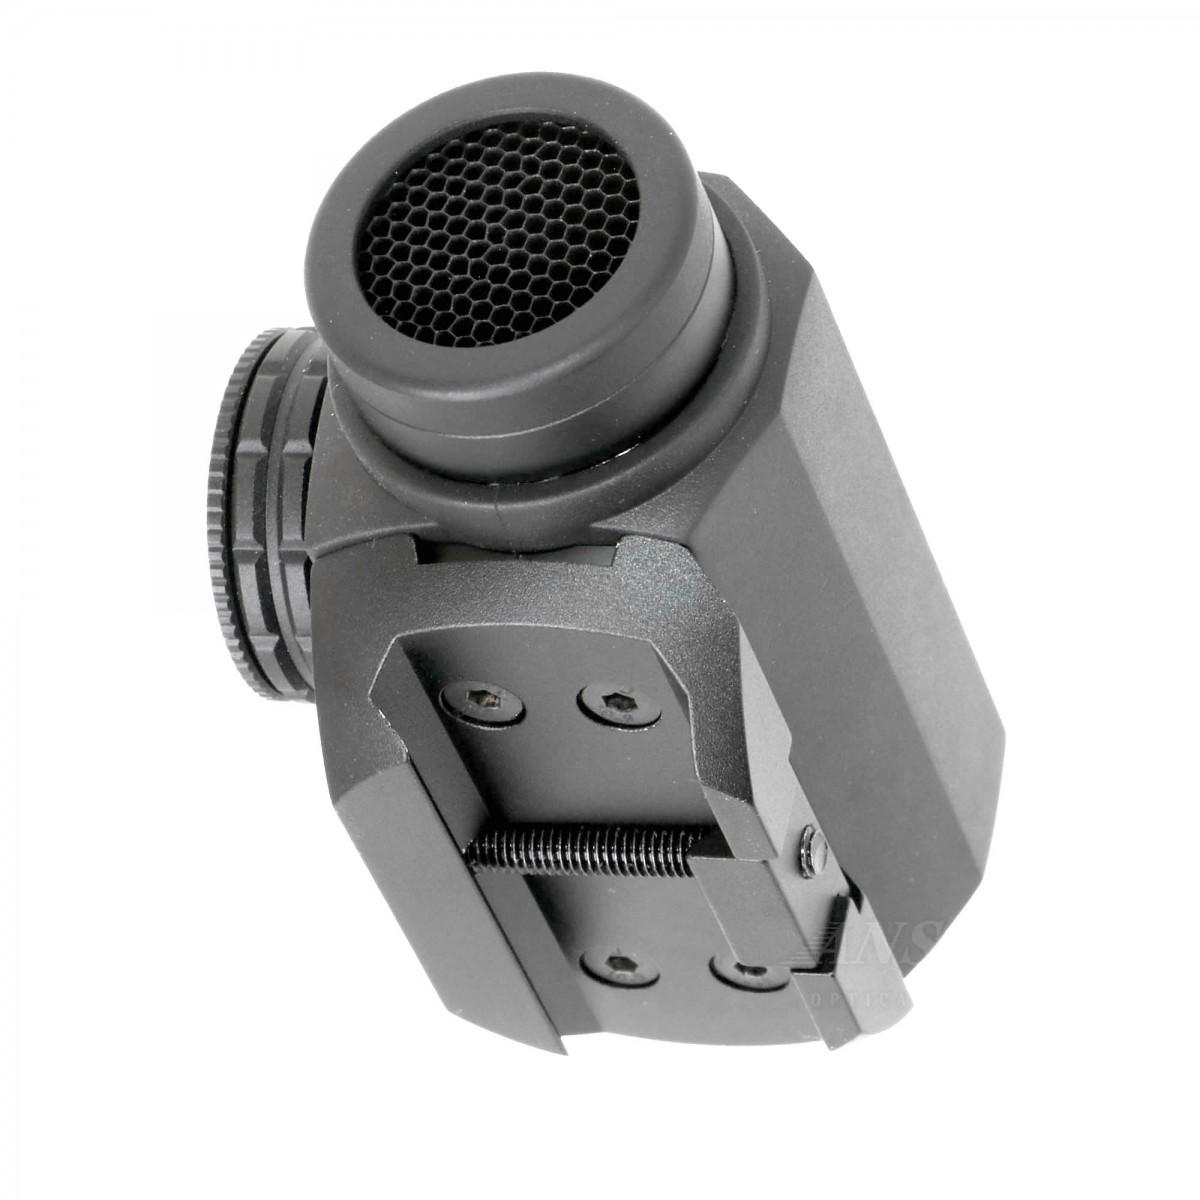 ANS optical T-2 タイプ ラバーコーティング ドットサイト ローマウント ハイマウント 専用キルフラッシュ付き